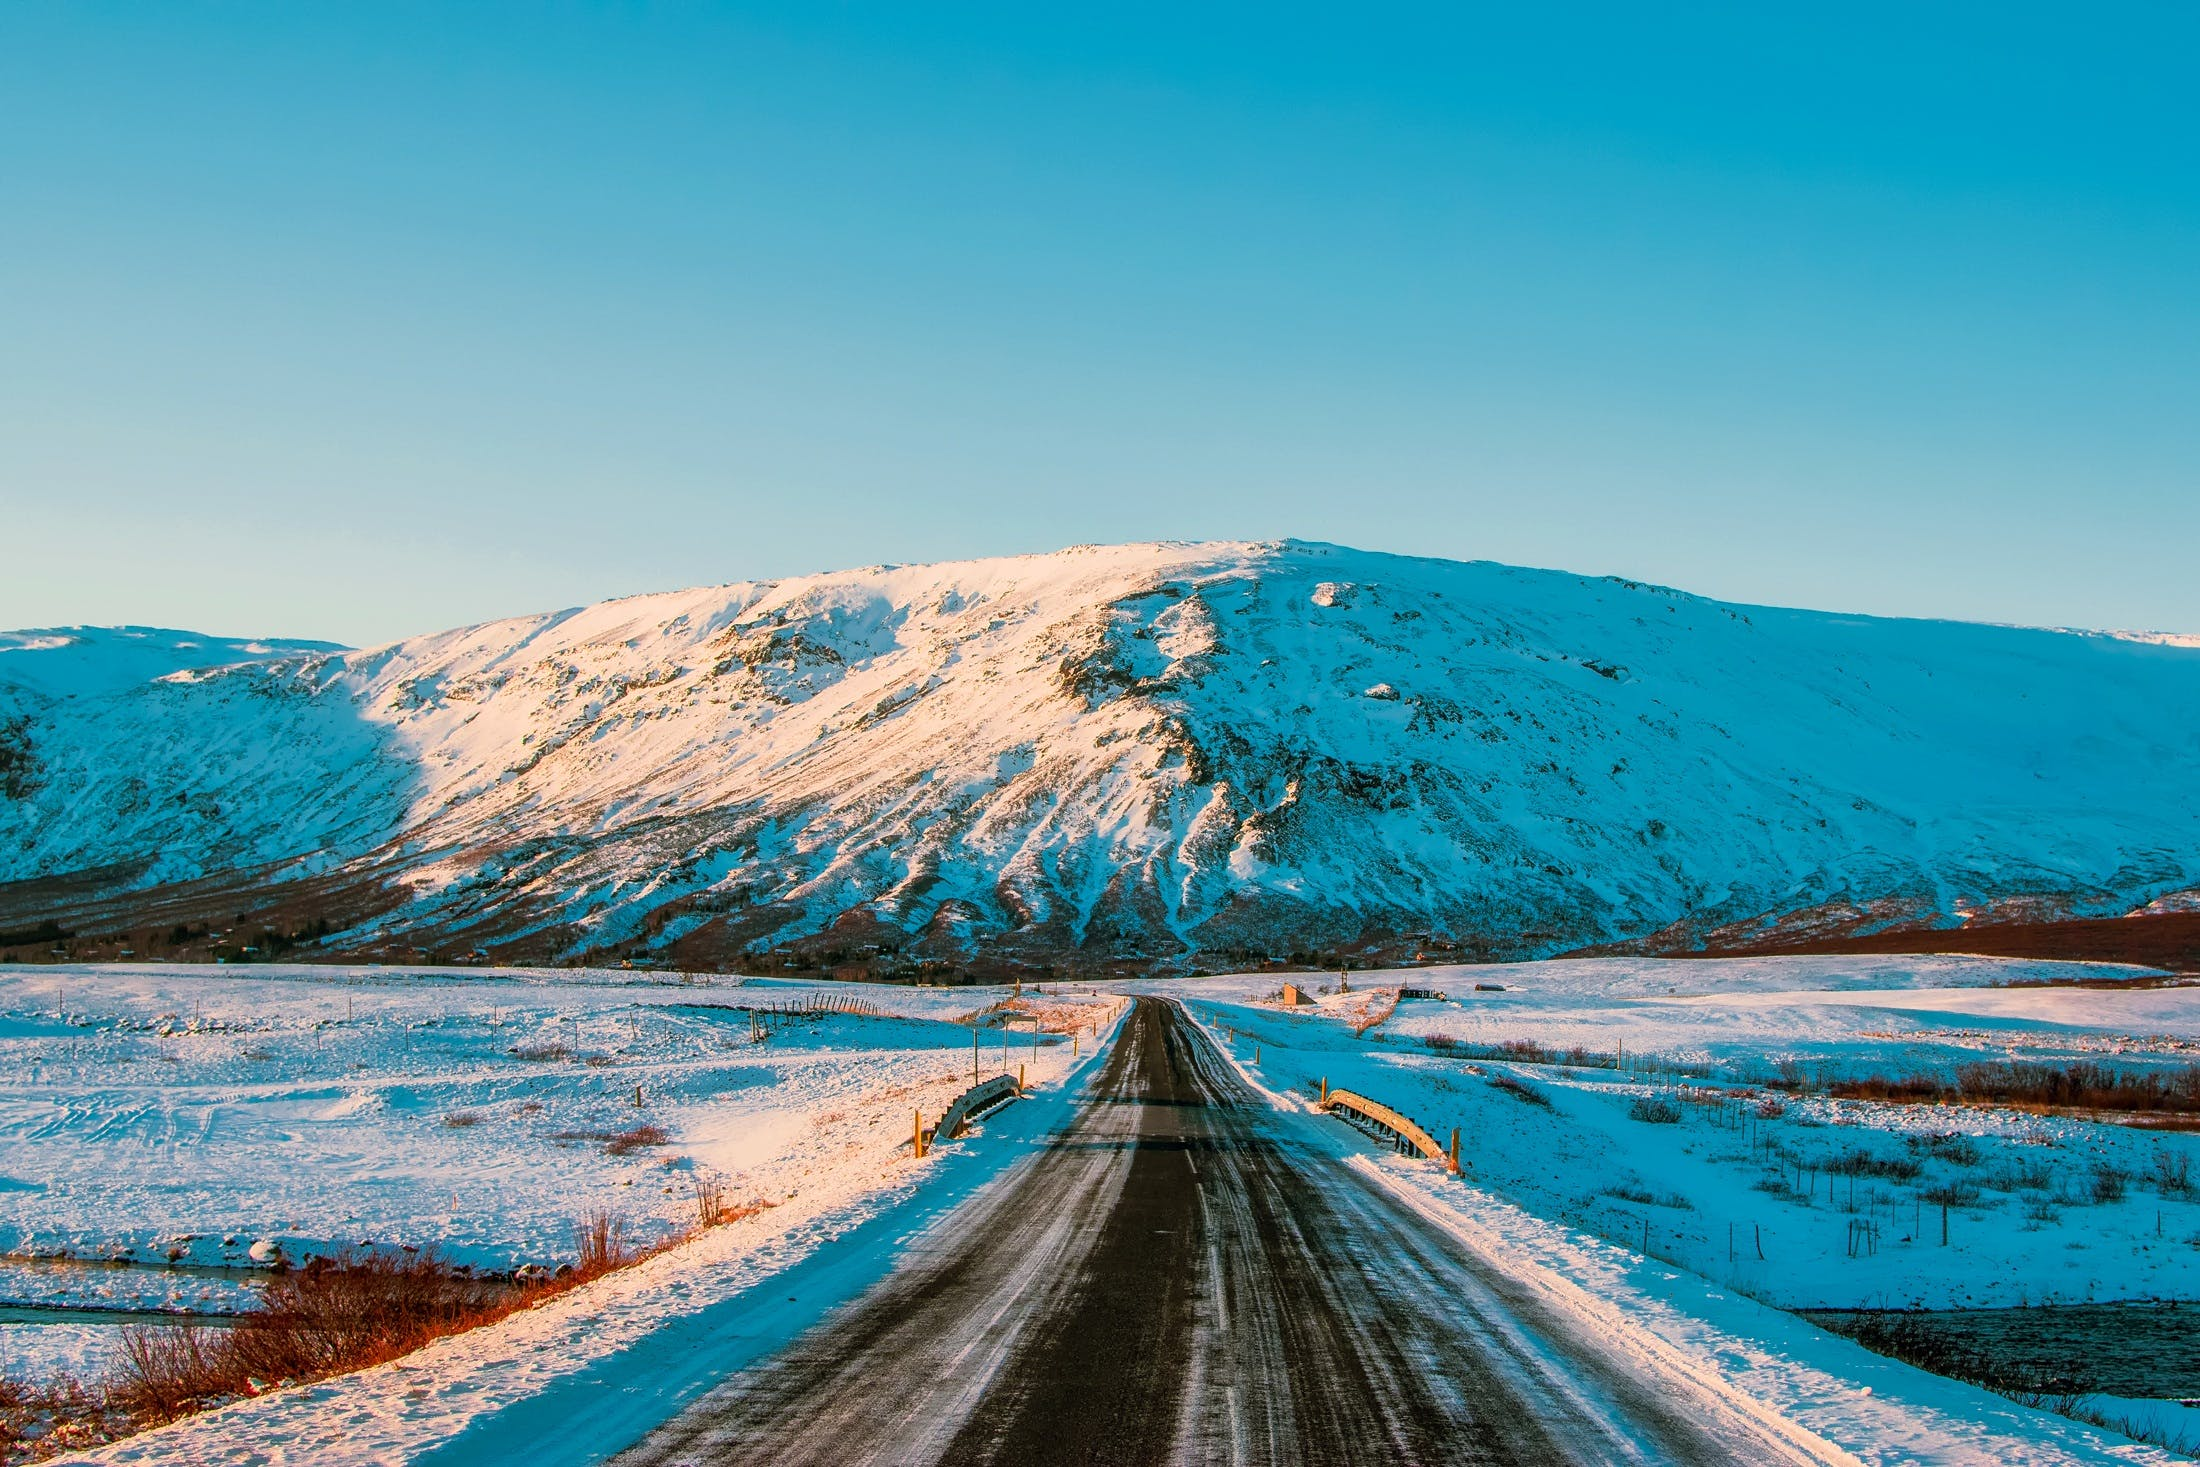 Black Trail Towards Mountain